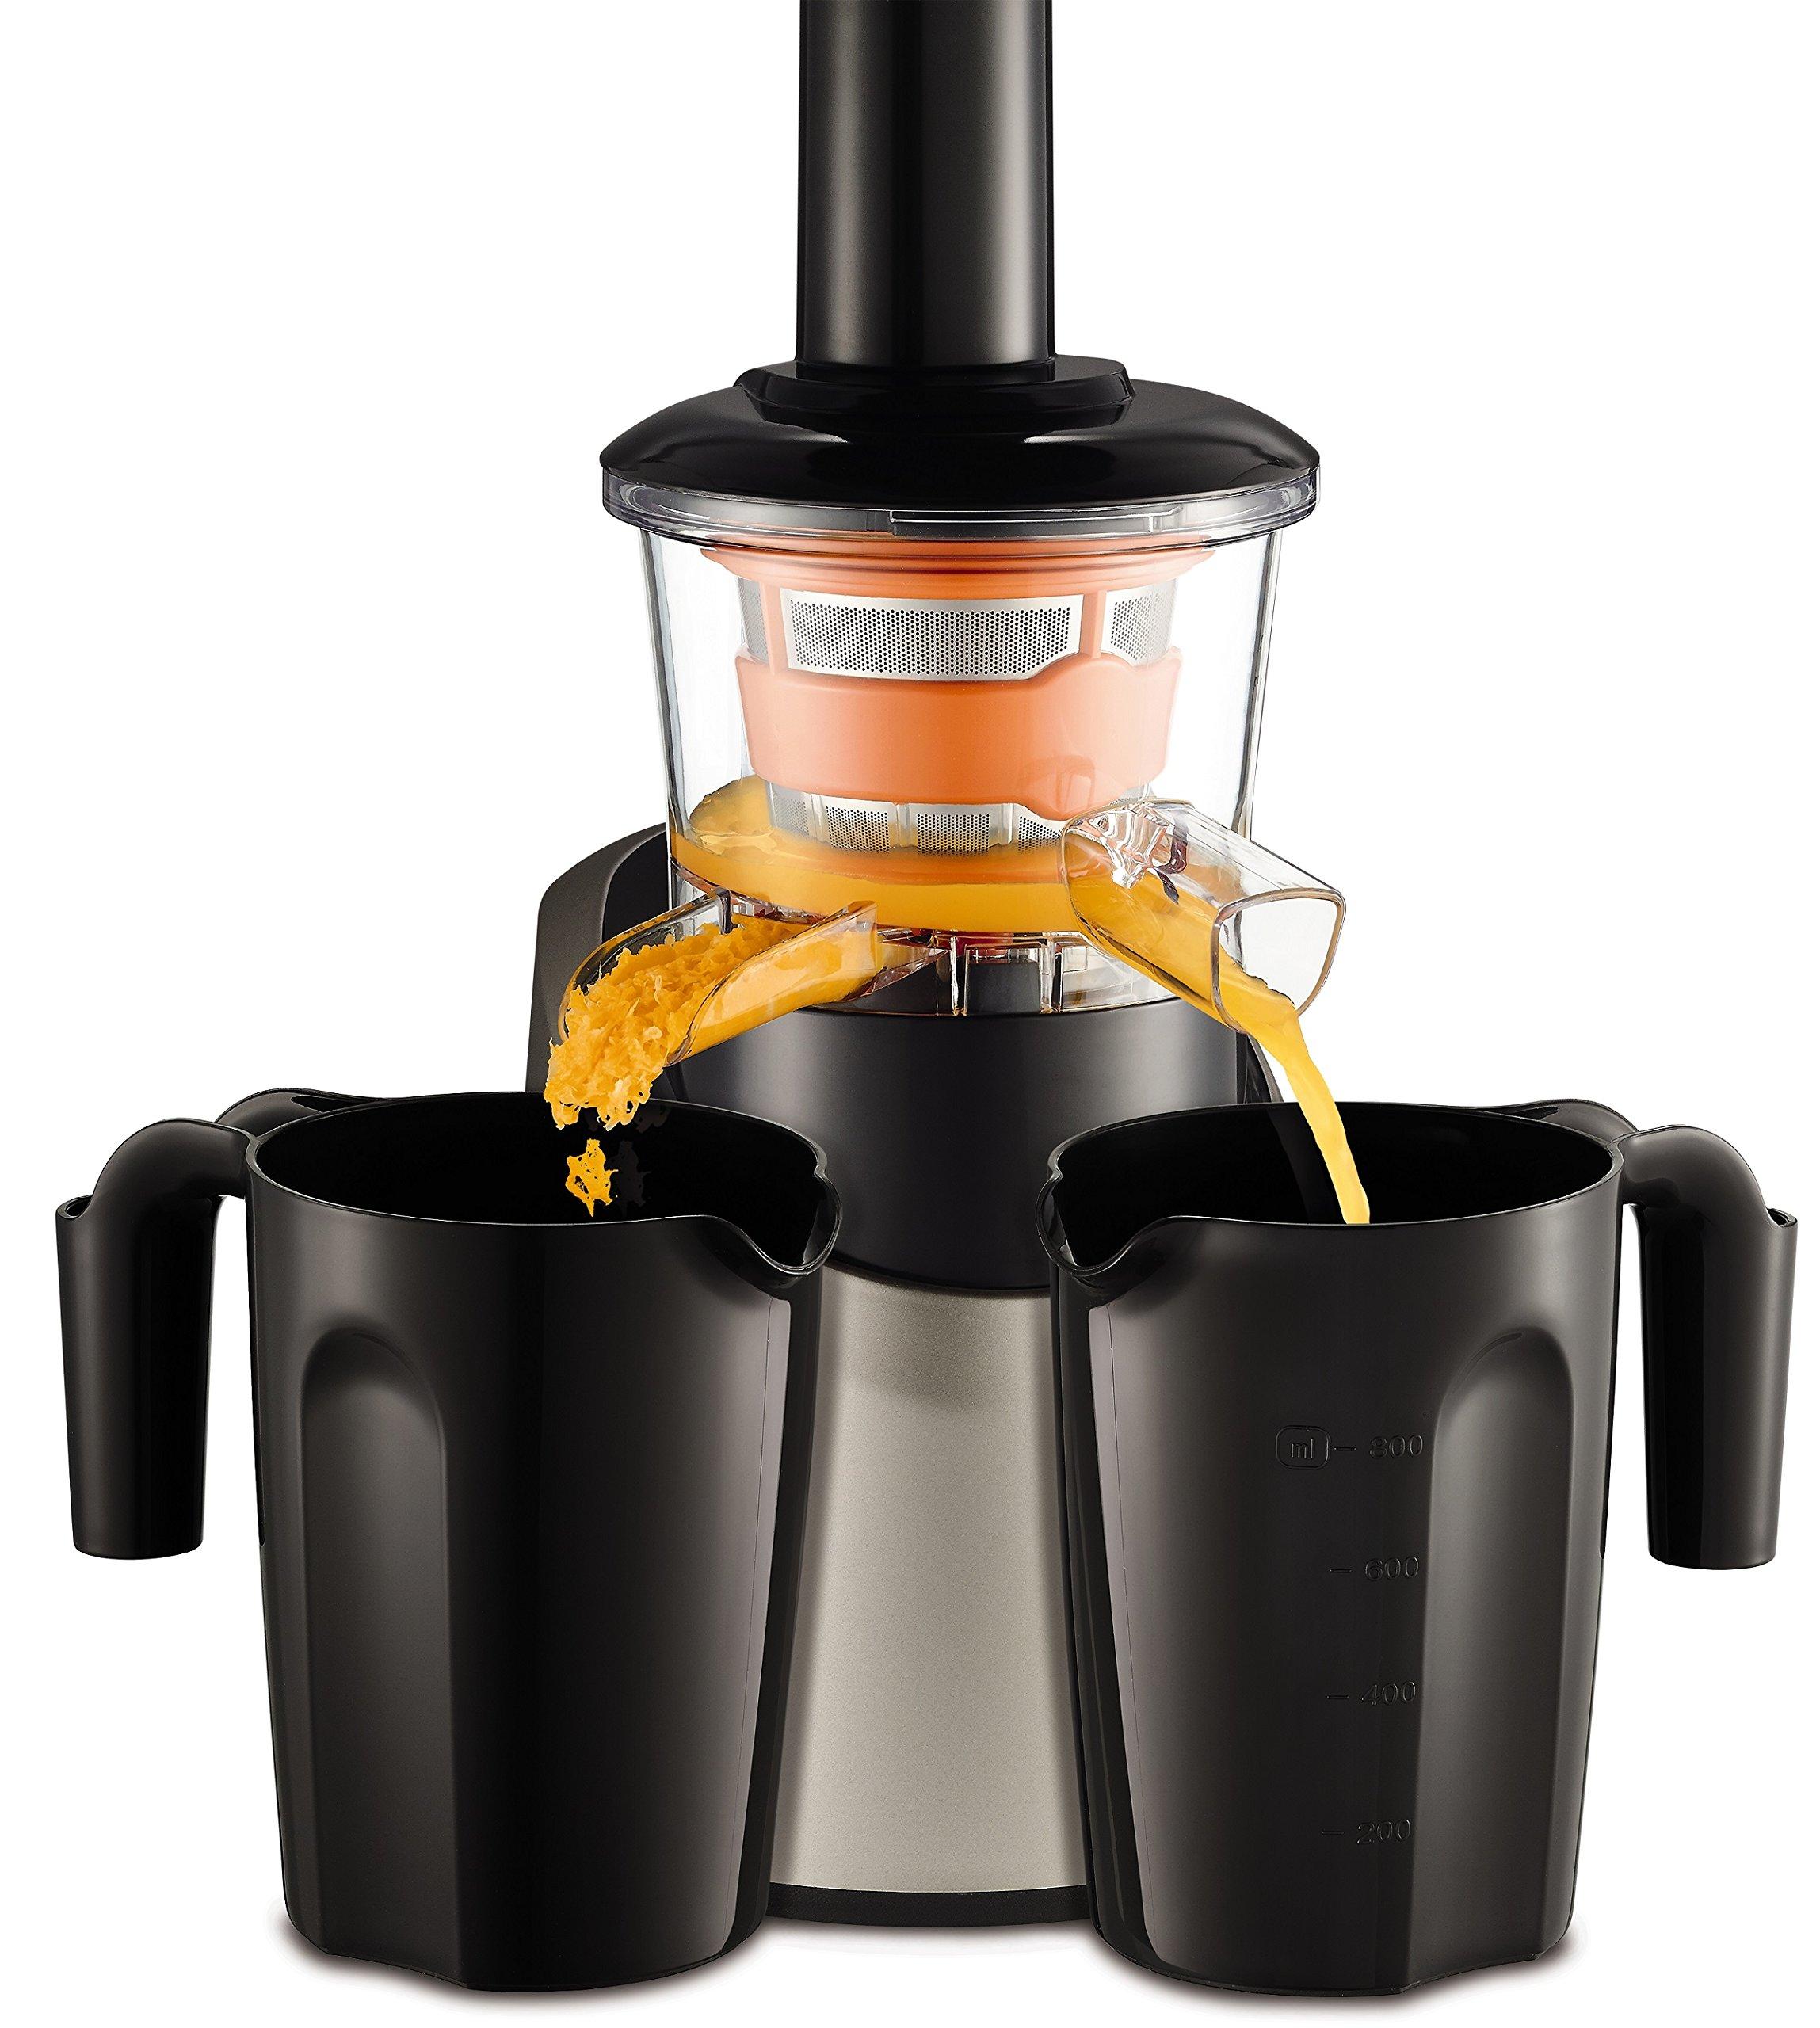 Moulinex ZU255B Infiny Juice Estrattore di Succo, Spremitura a Freddo, 200 W - 2021 -